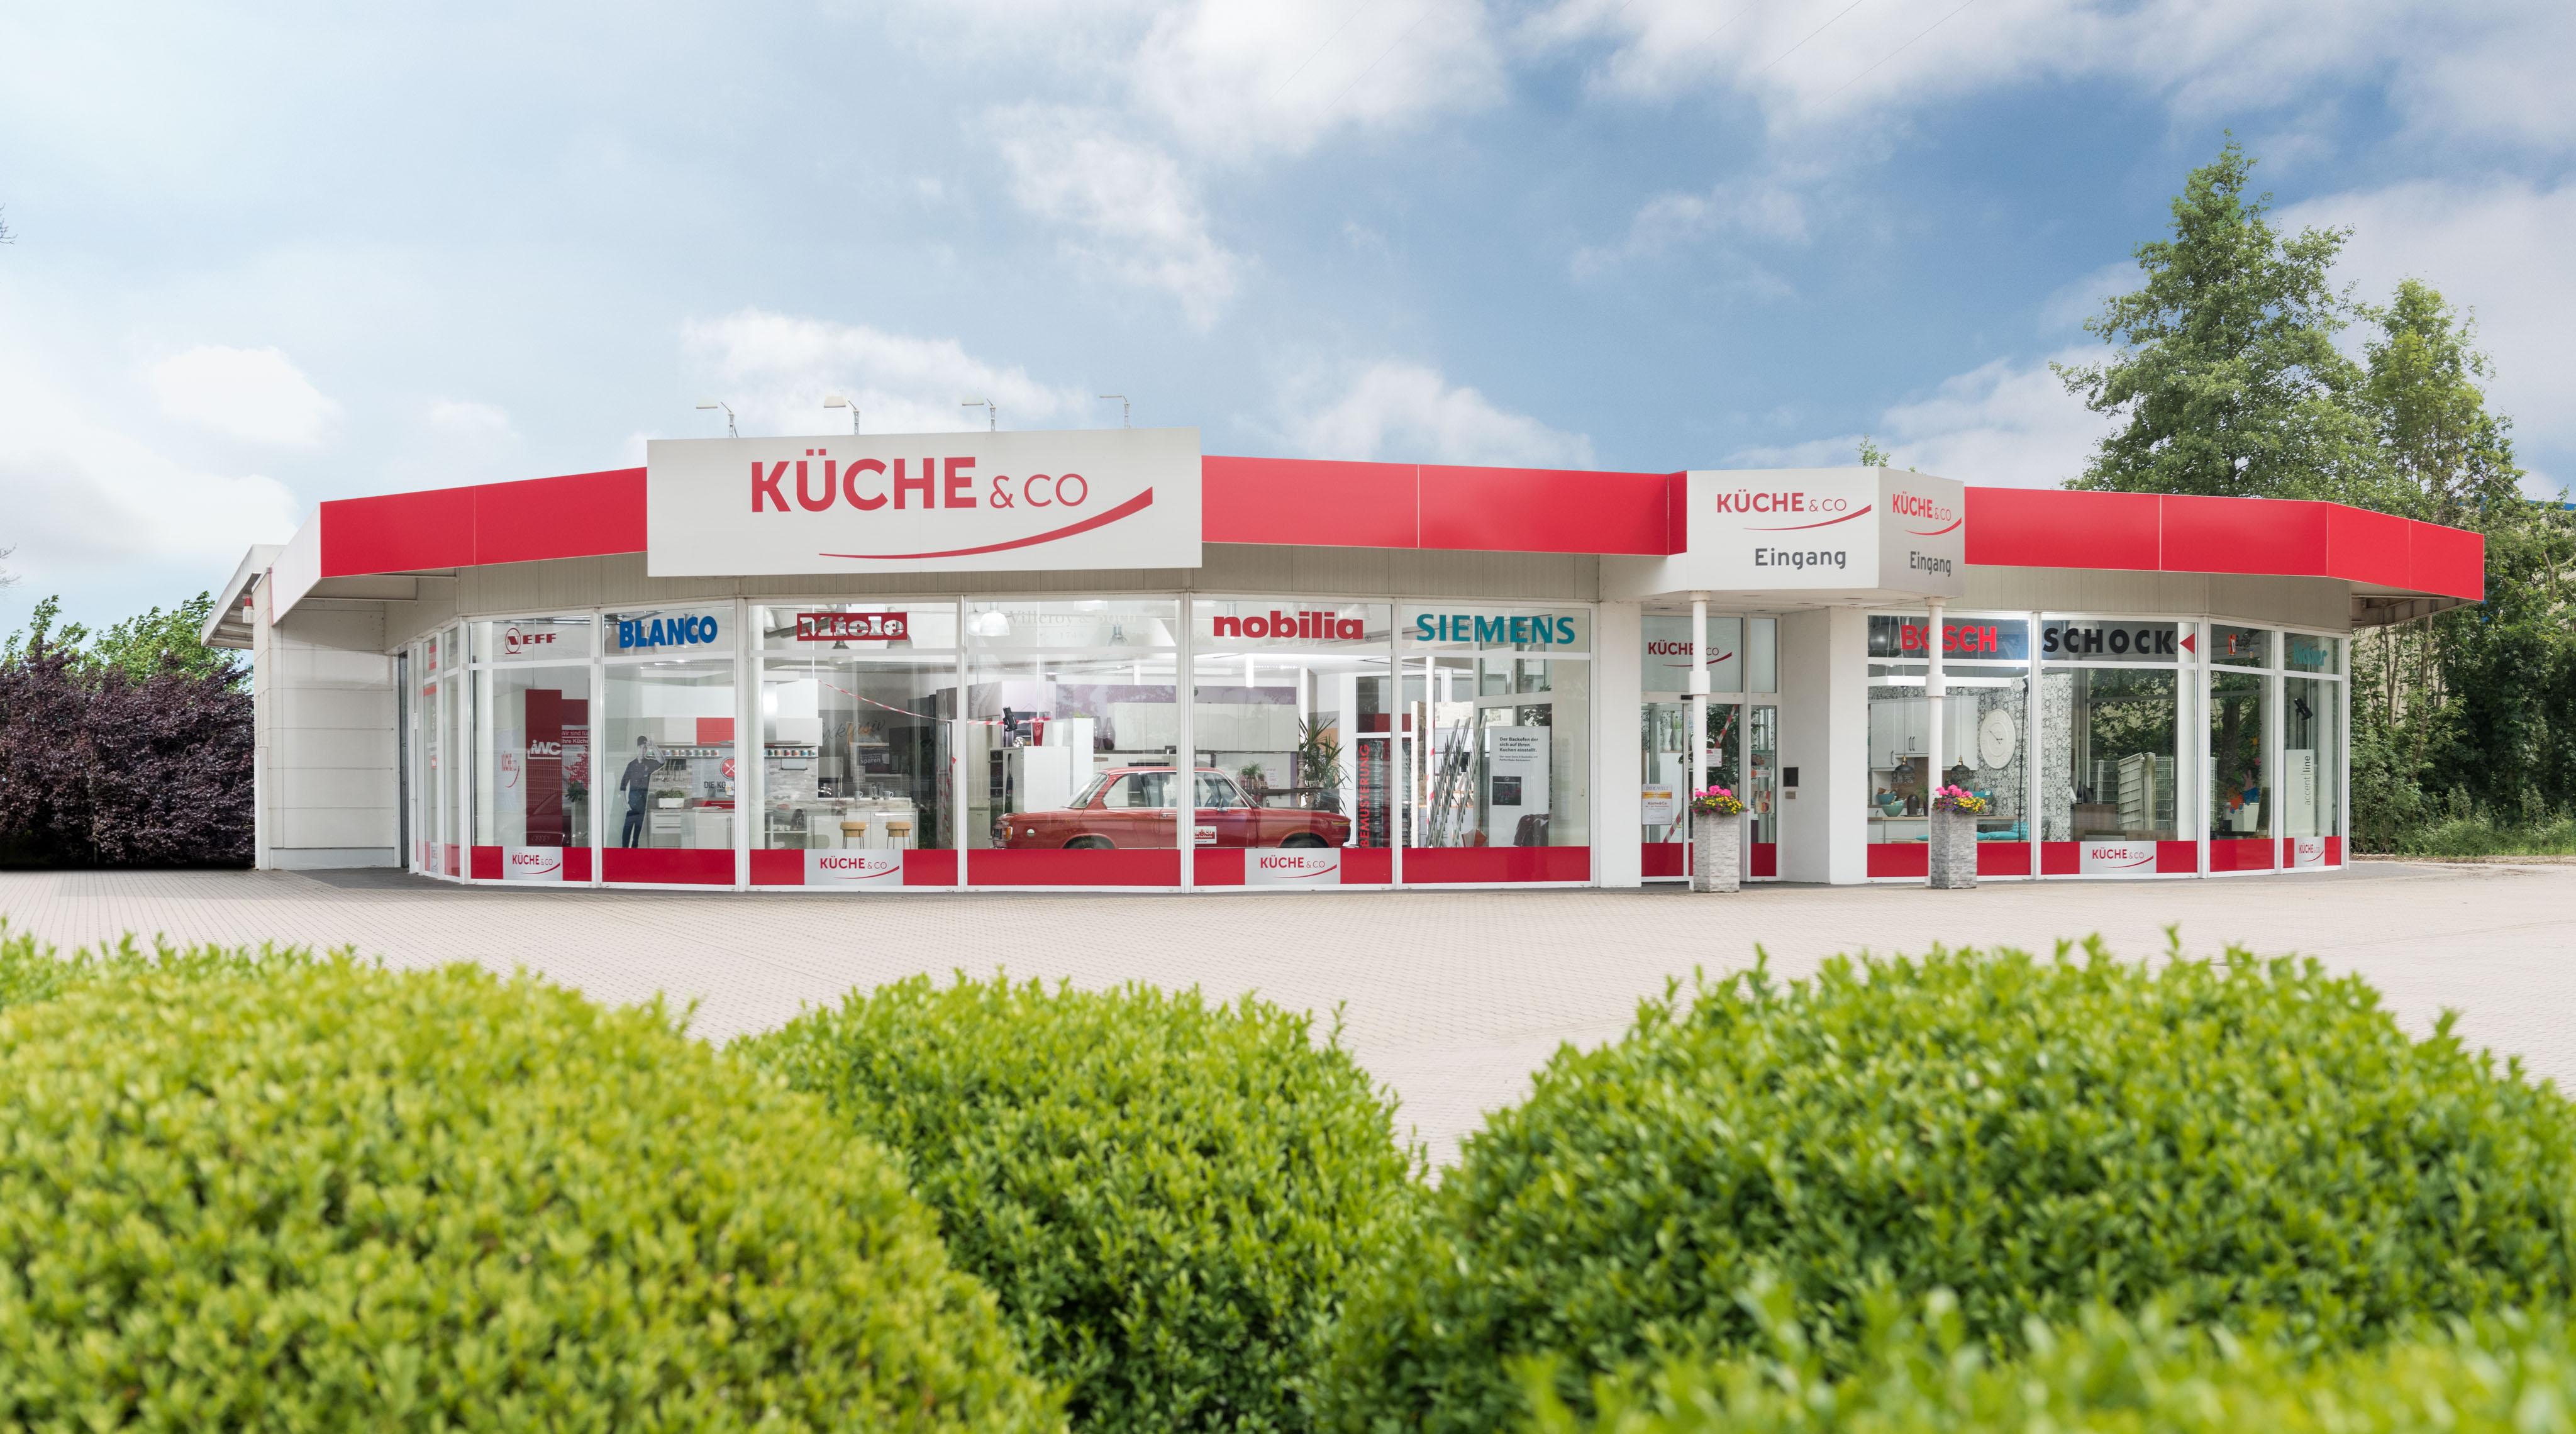 Küchenstudio Lohne - Küche&Co